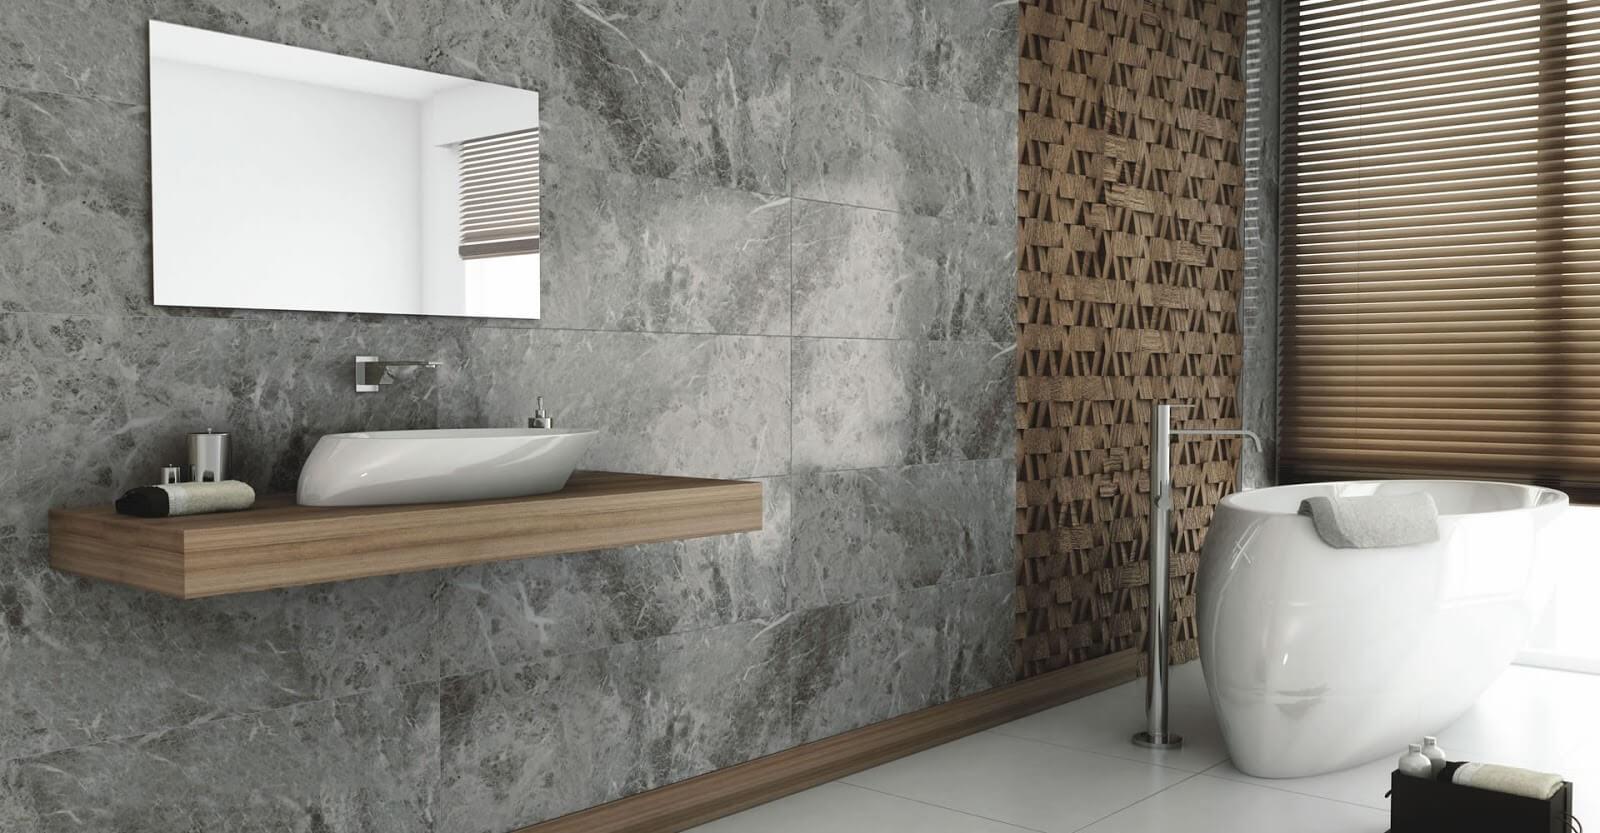 Плитка под бетон купить в екатеринбурге купить бетон миксер в москве цена